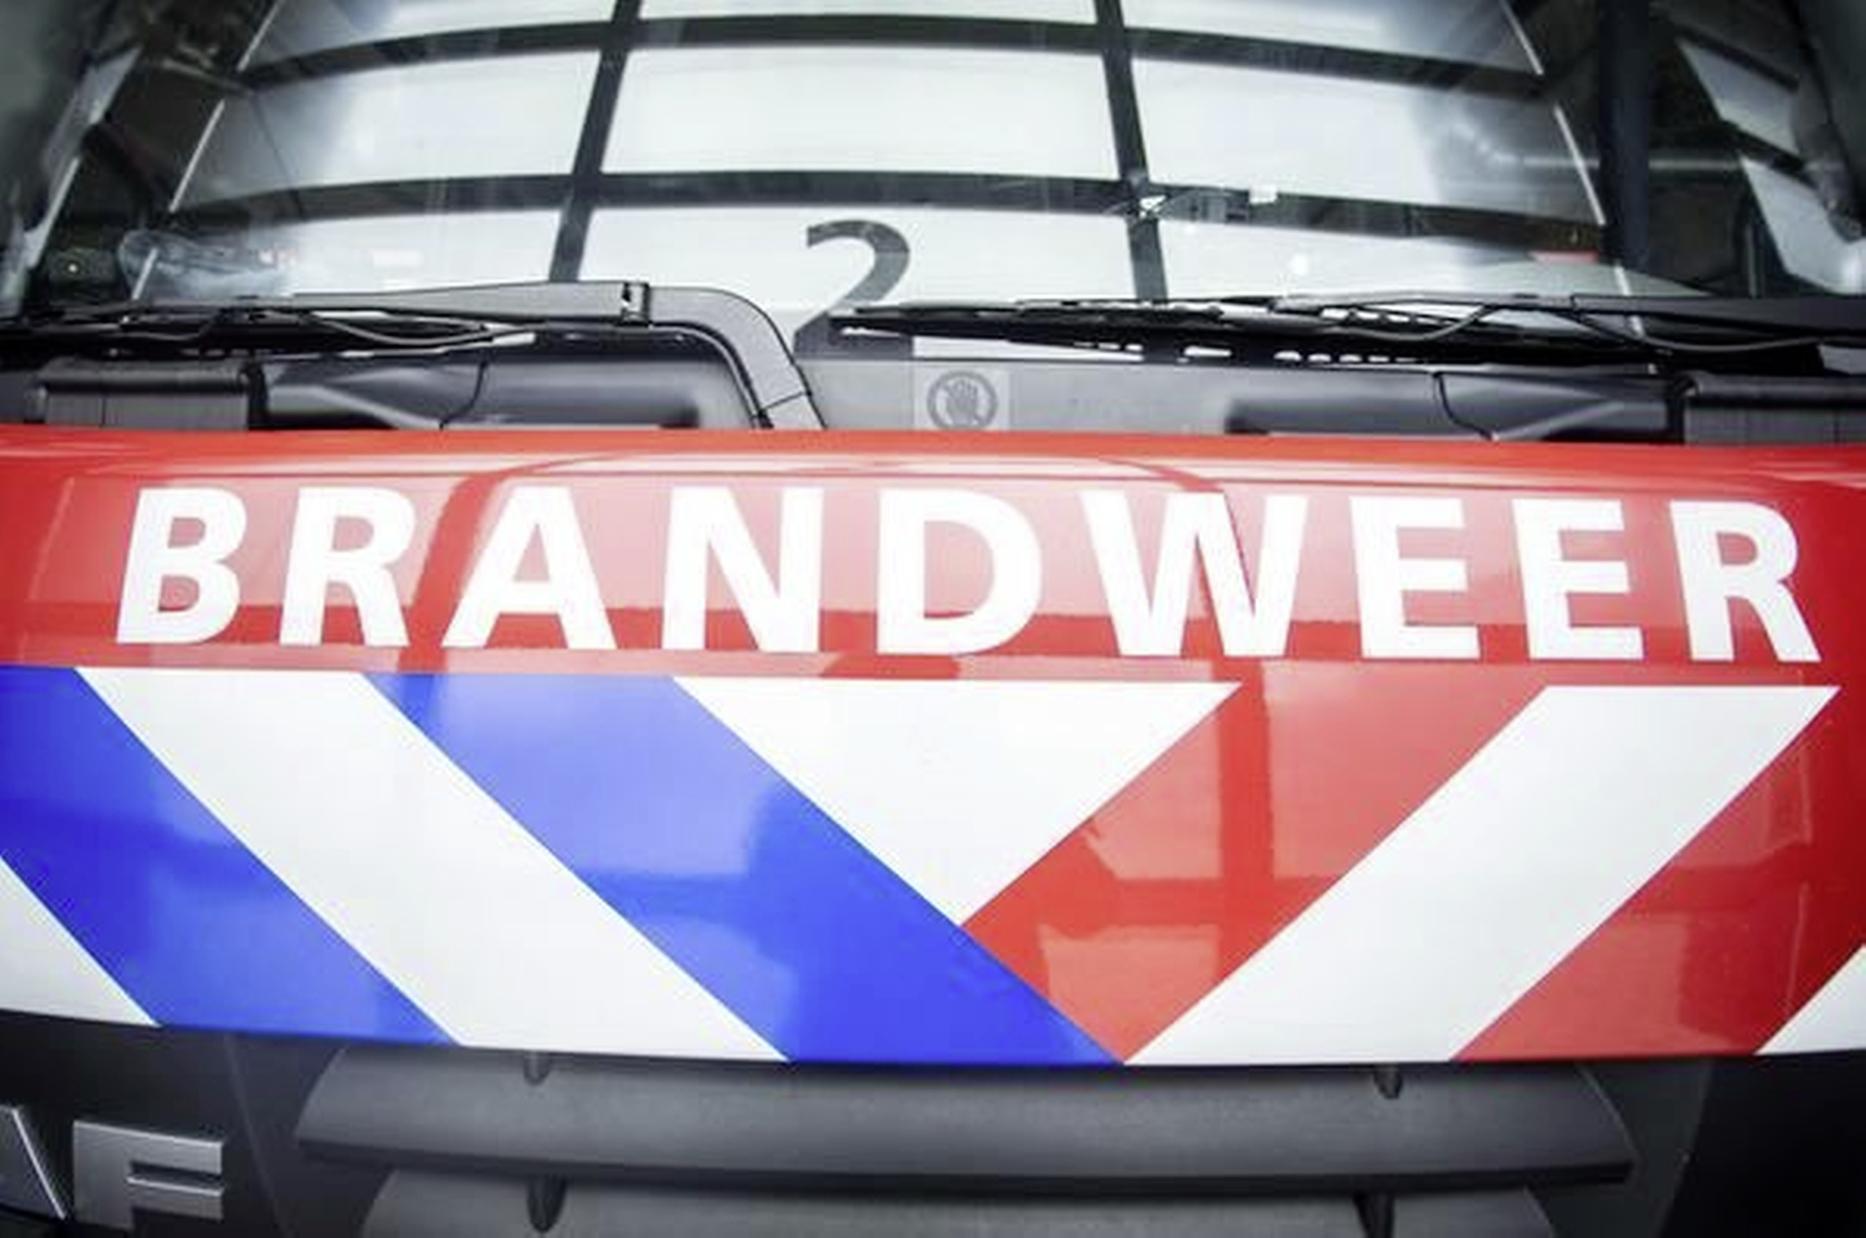 Brandmelding bij strandpaviljoen Paal 17 op Texel leidt politie opnieuw naar illegaal feestje